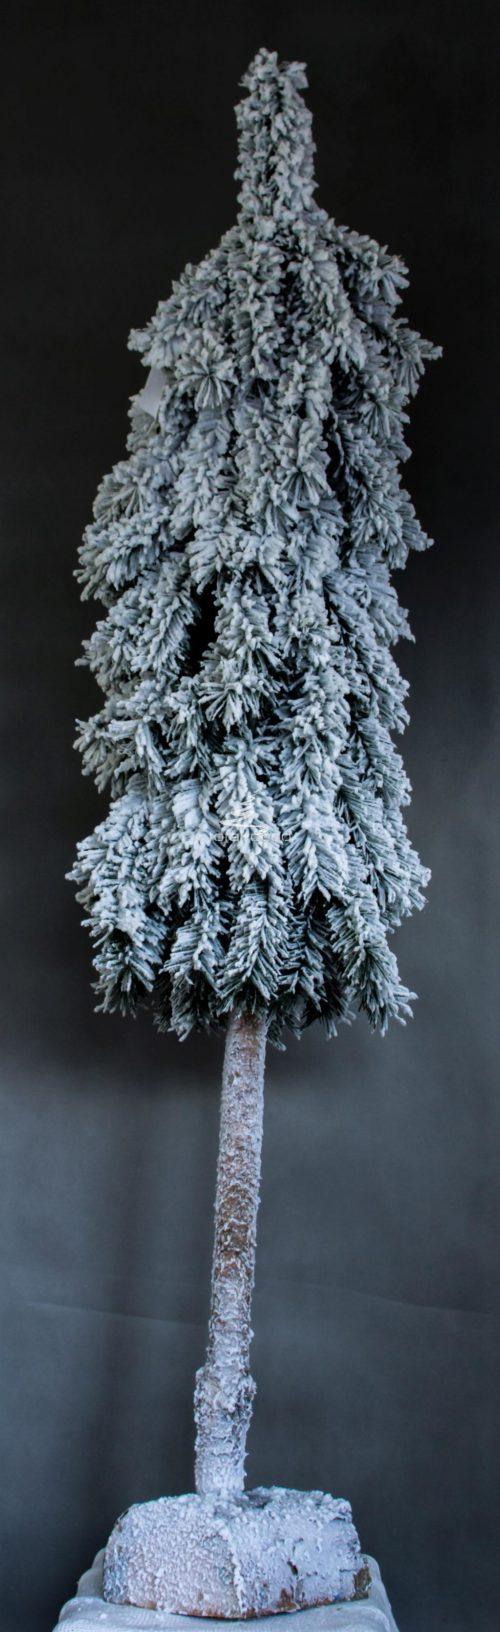 choinka bożonarodzeniowa/ośnieżona dekoracjaChoinka bożonarodzeniowa/ośnieżona dekoracja